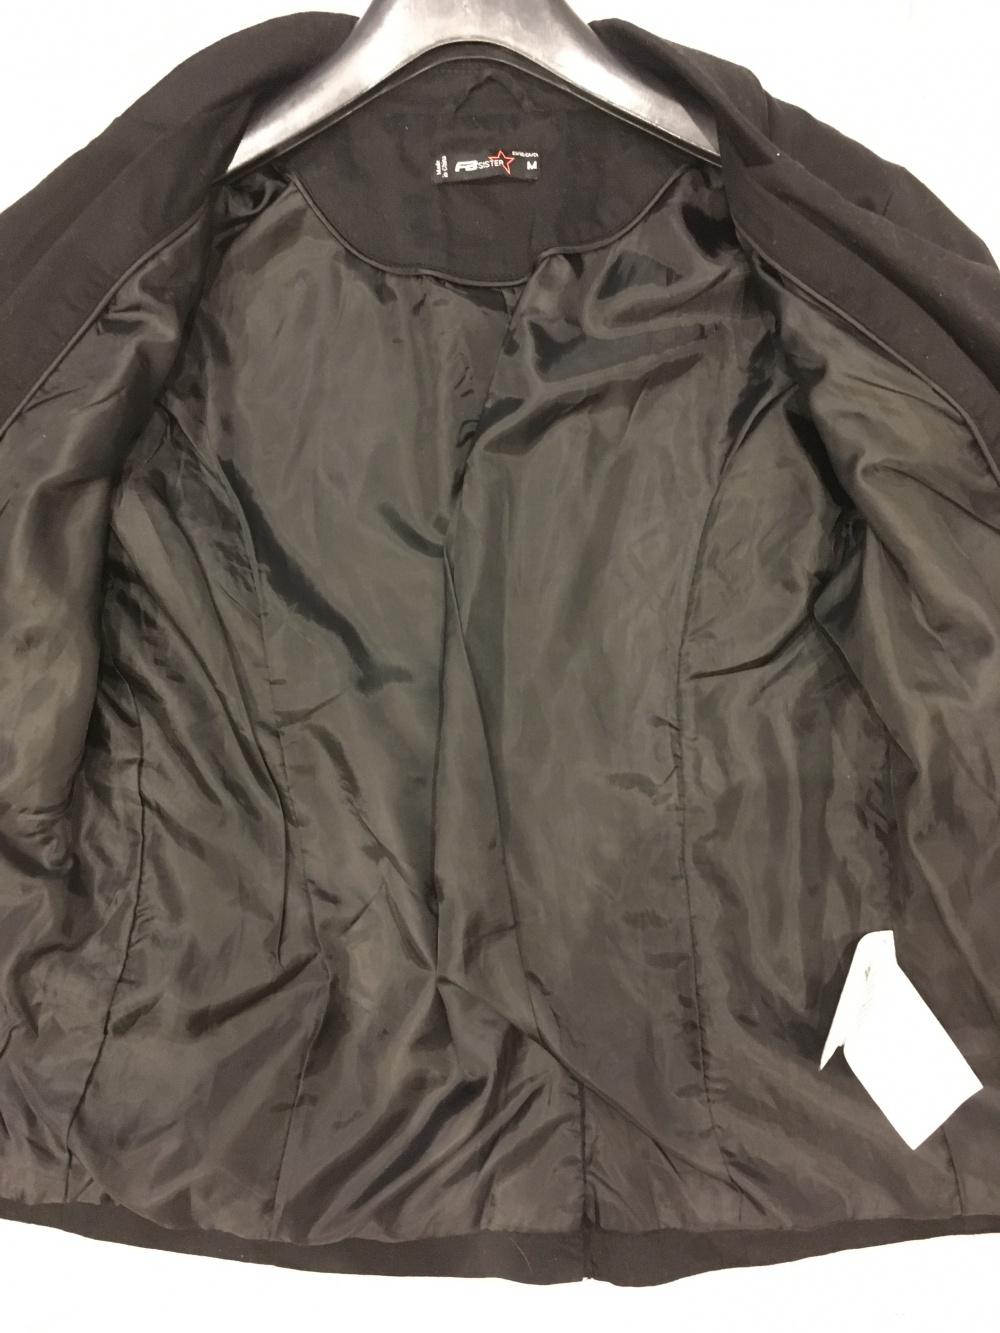 Пиджак из хлопка FB sister, размер M